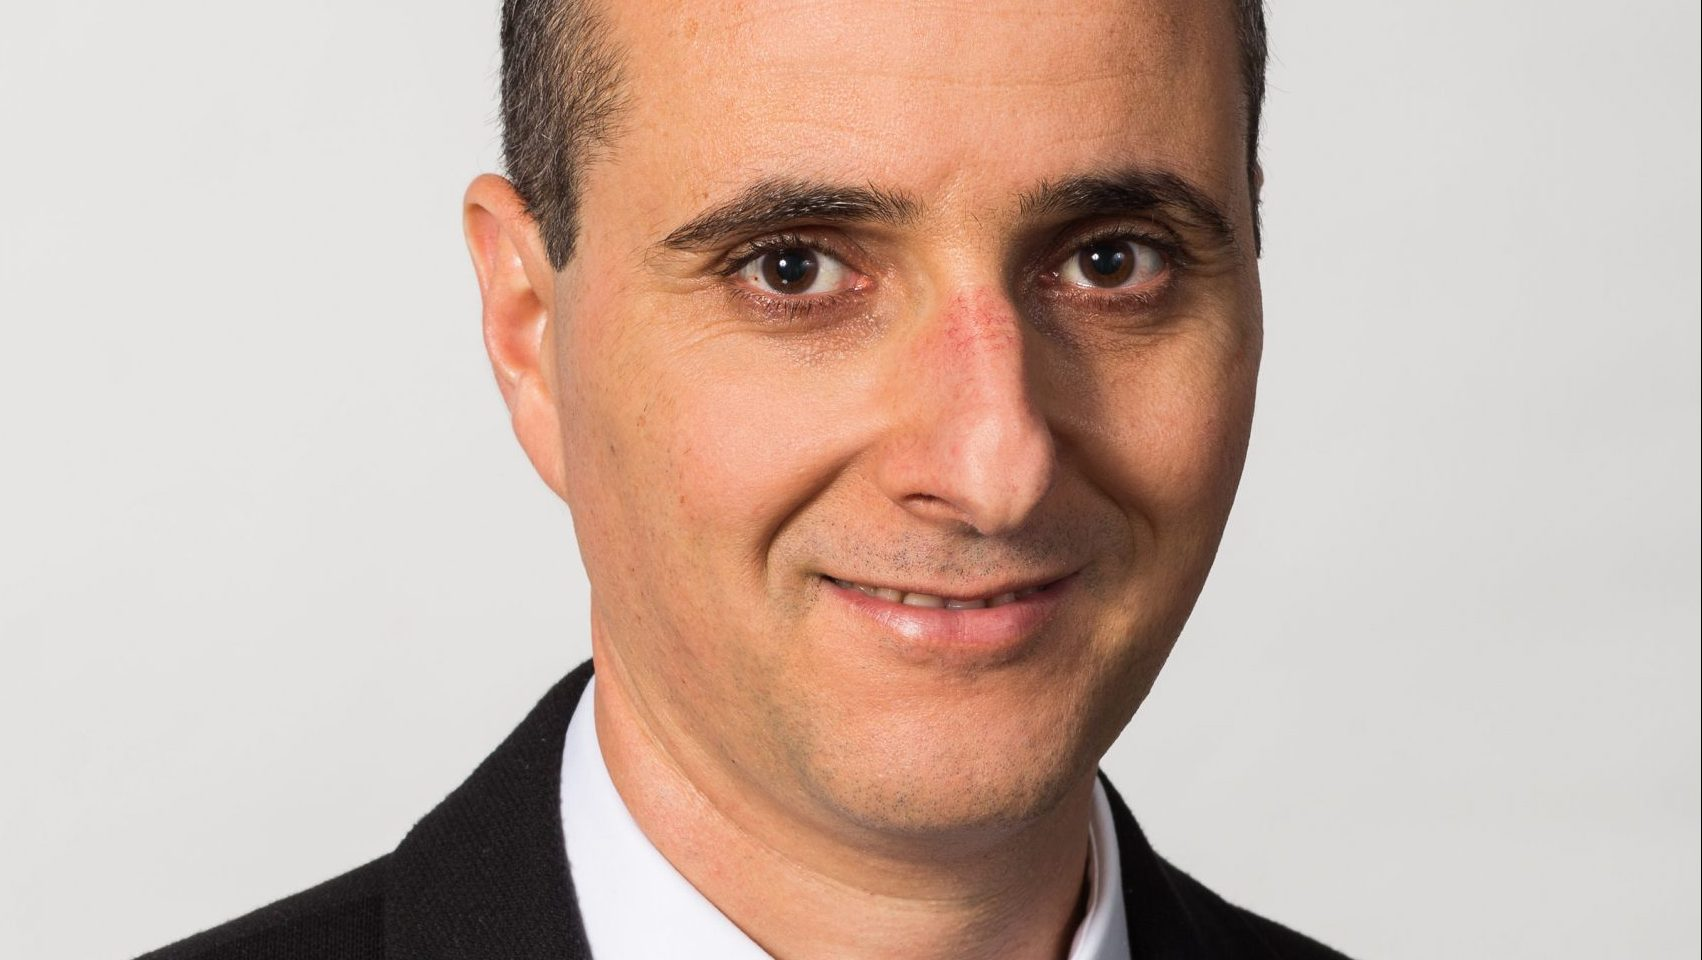 """אדי אביעד מונה לסמנכ""""ל, ראש תחום המוצרים הפיננסיים באיאון ישראל"""